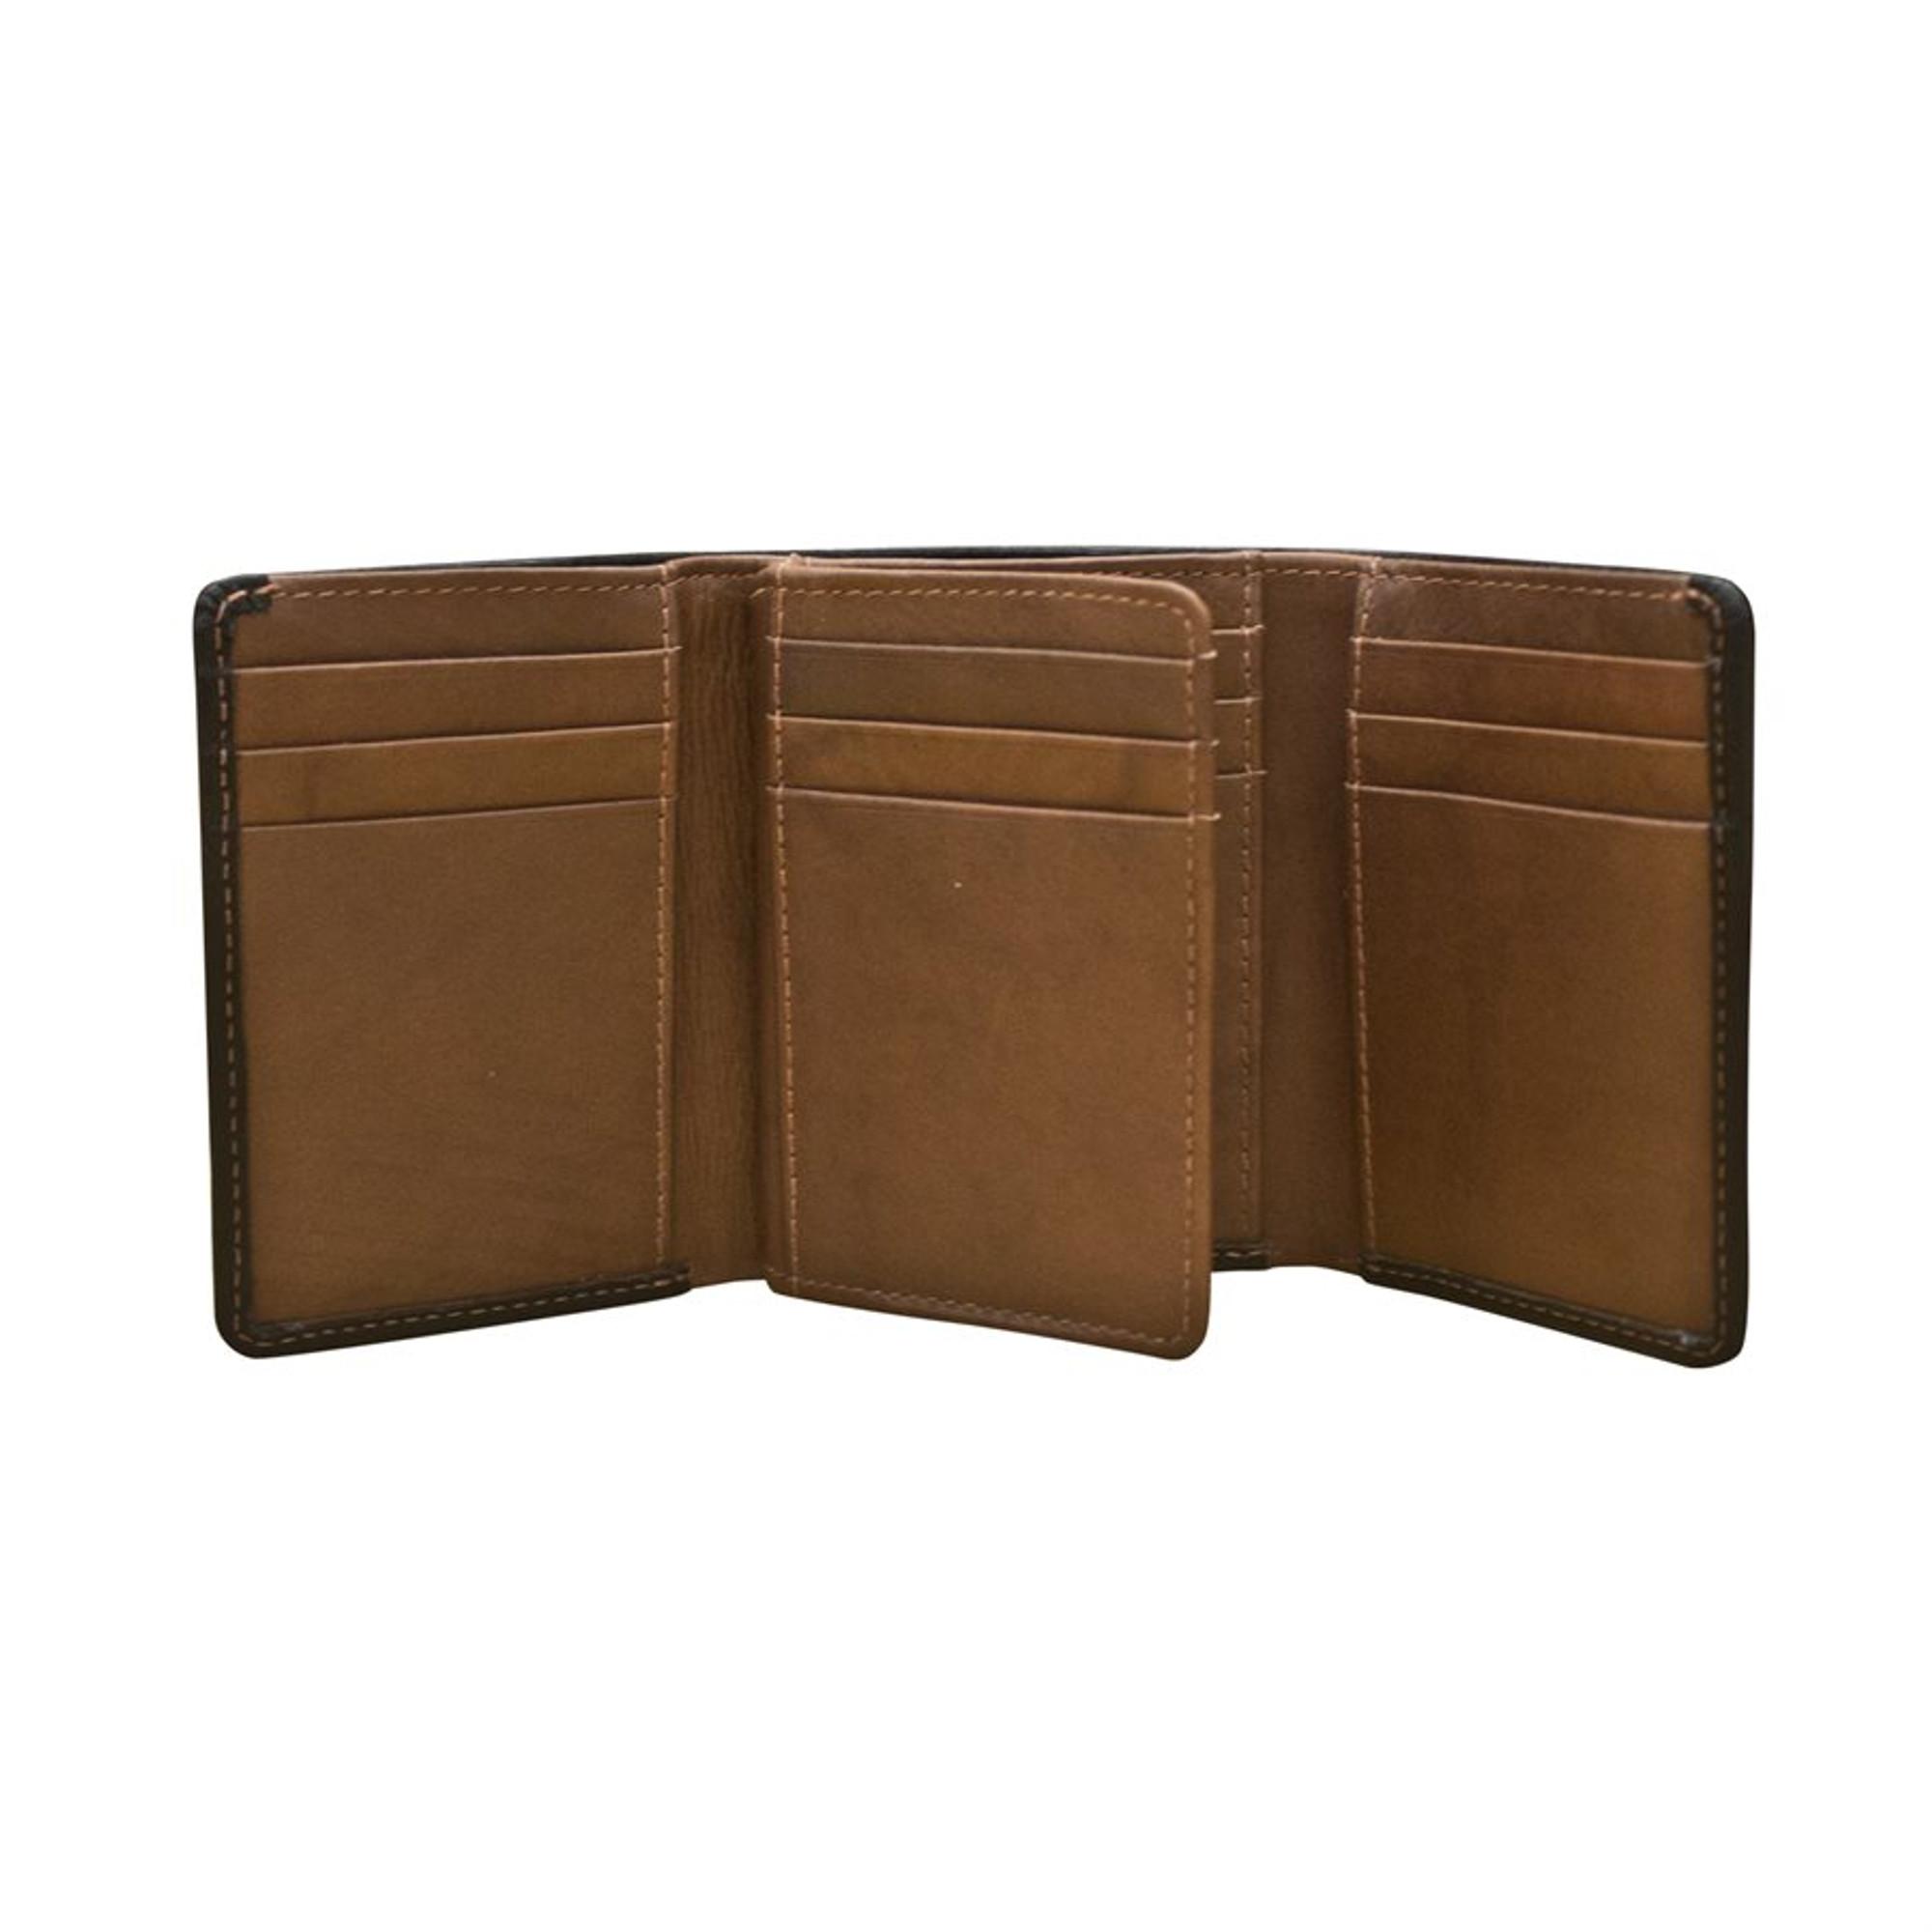 8 Credit Card Pockets Three Additional Slip Pockets Wallet 1504